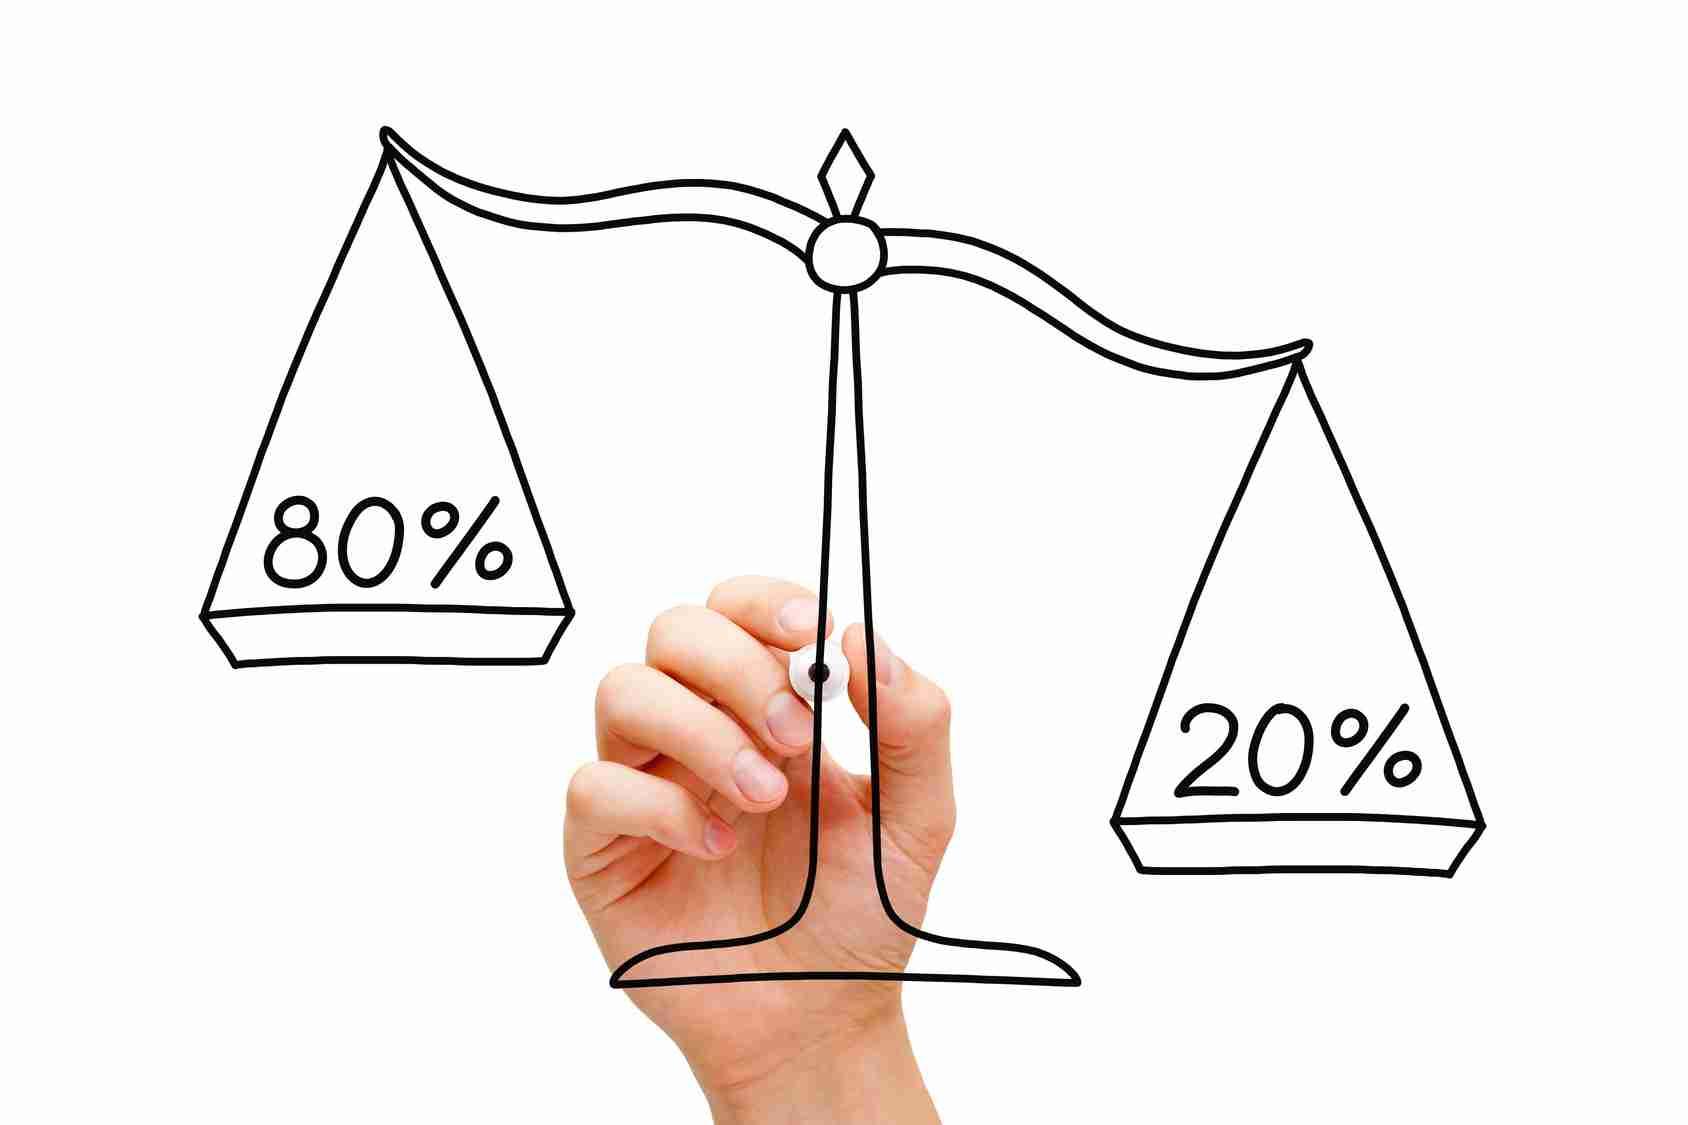 多数決の代替案として最適な「ボルダルール」 | 「決め方」の経済学 | ダイヤモンド・オンライン